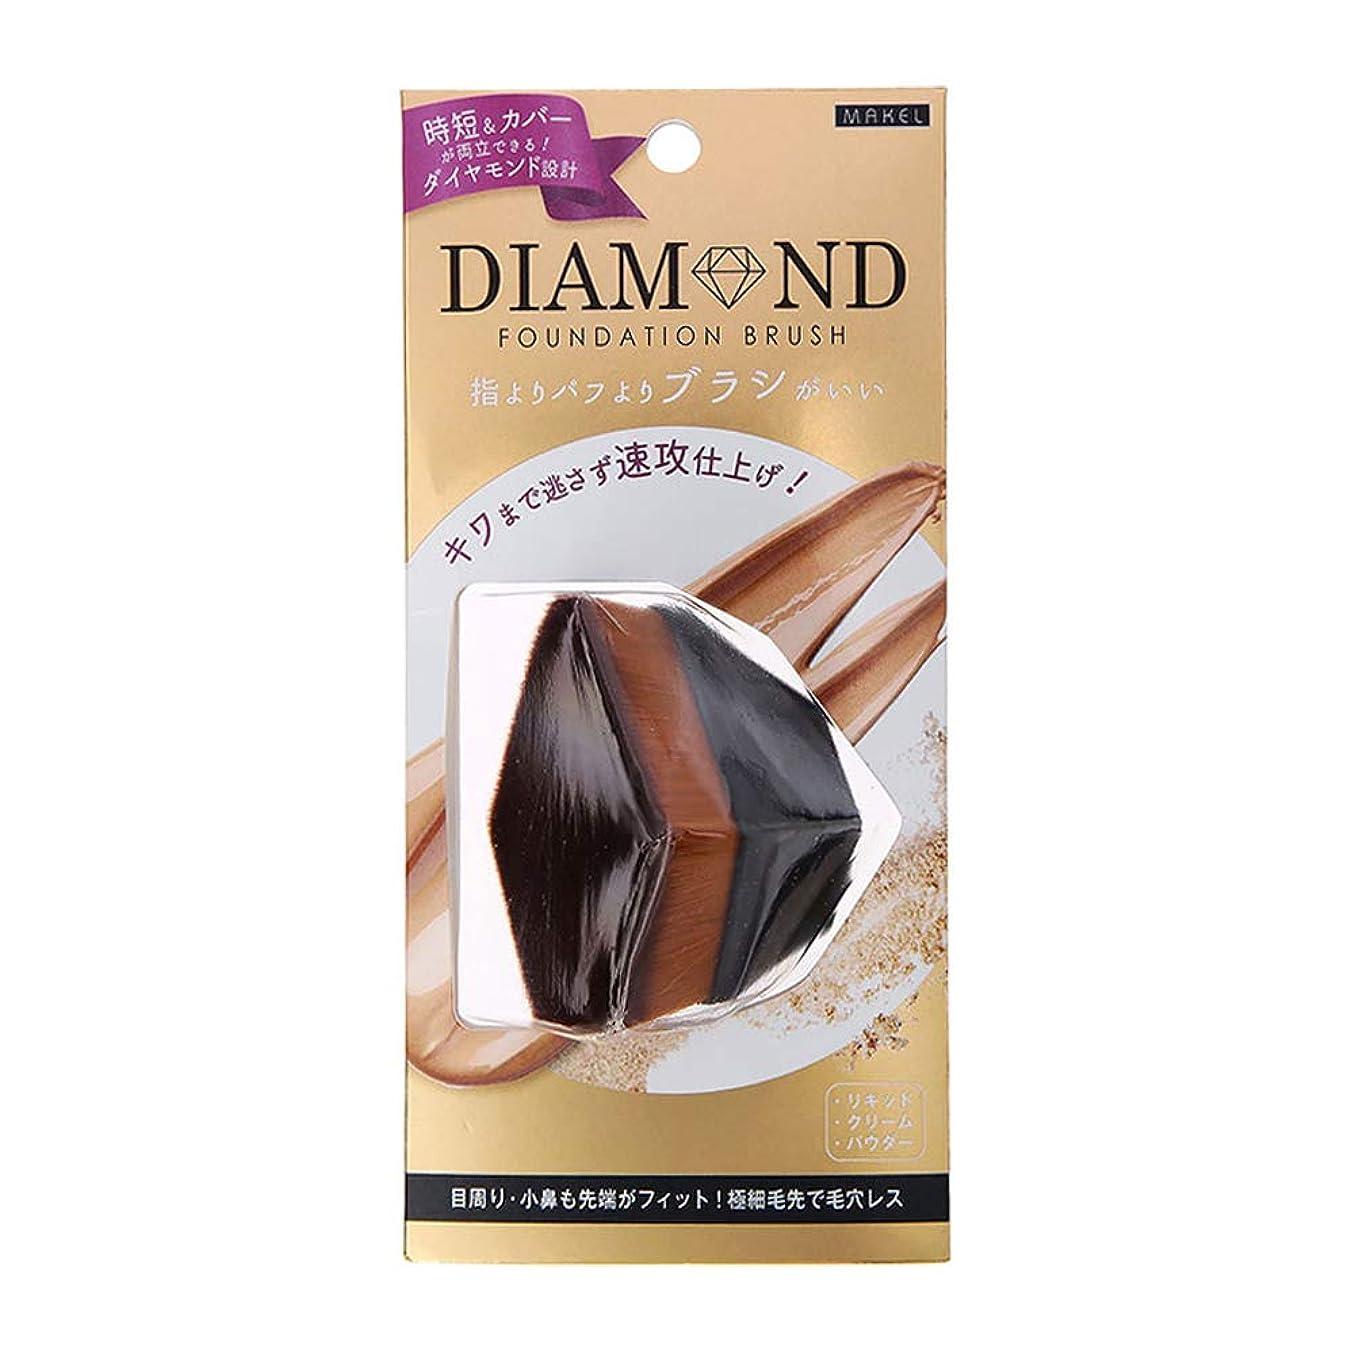 閉じるビーチ孤独ダイヤモンドファンデーションブラシ(ブラック) DIB1500